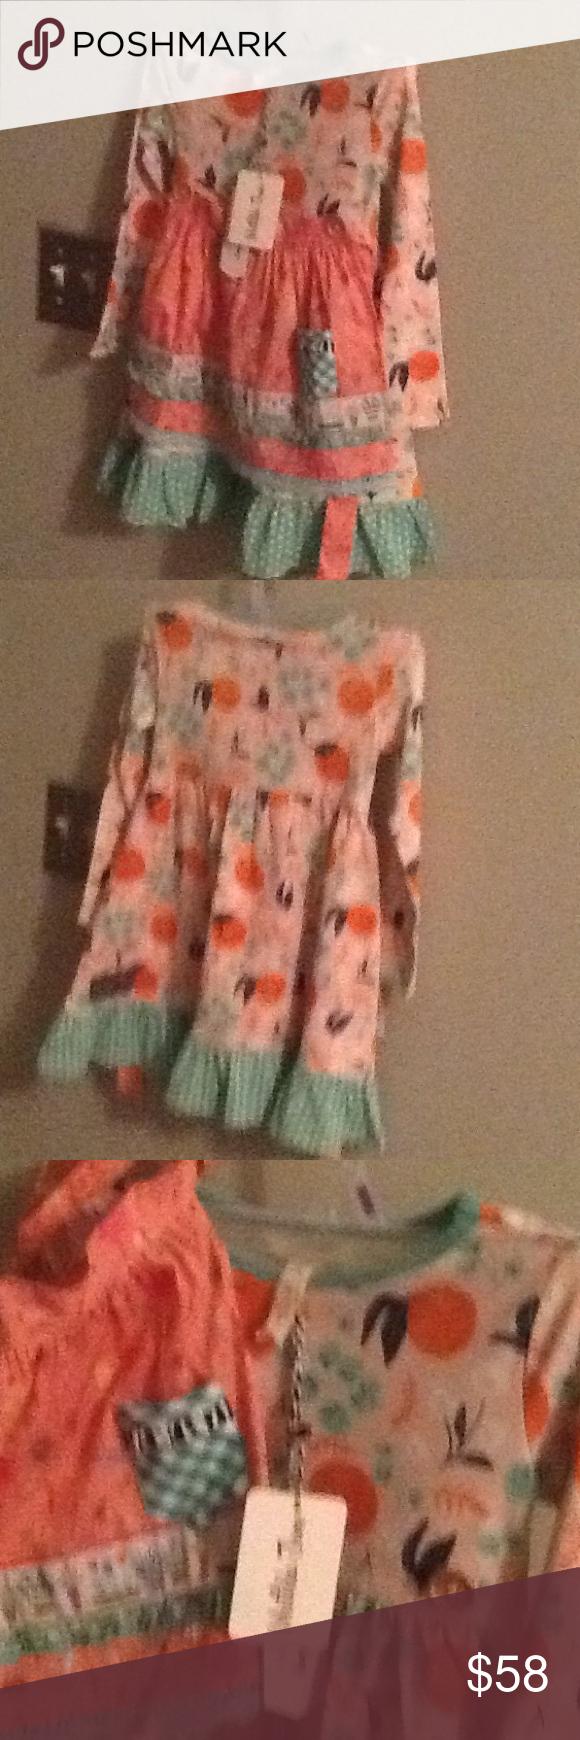 45++ Clementine dress matilda jane trends